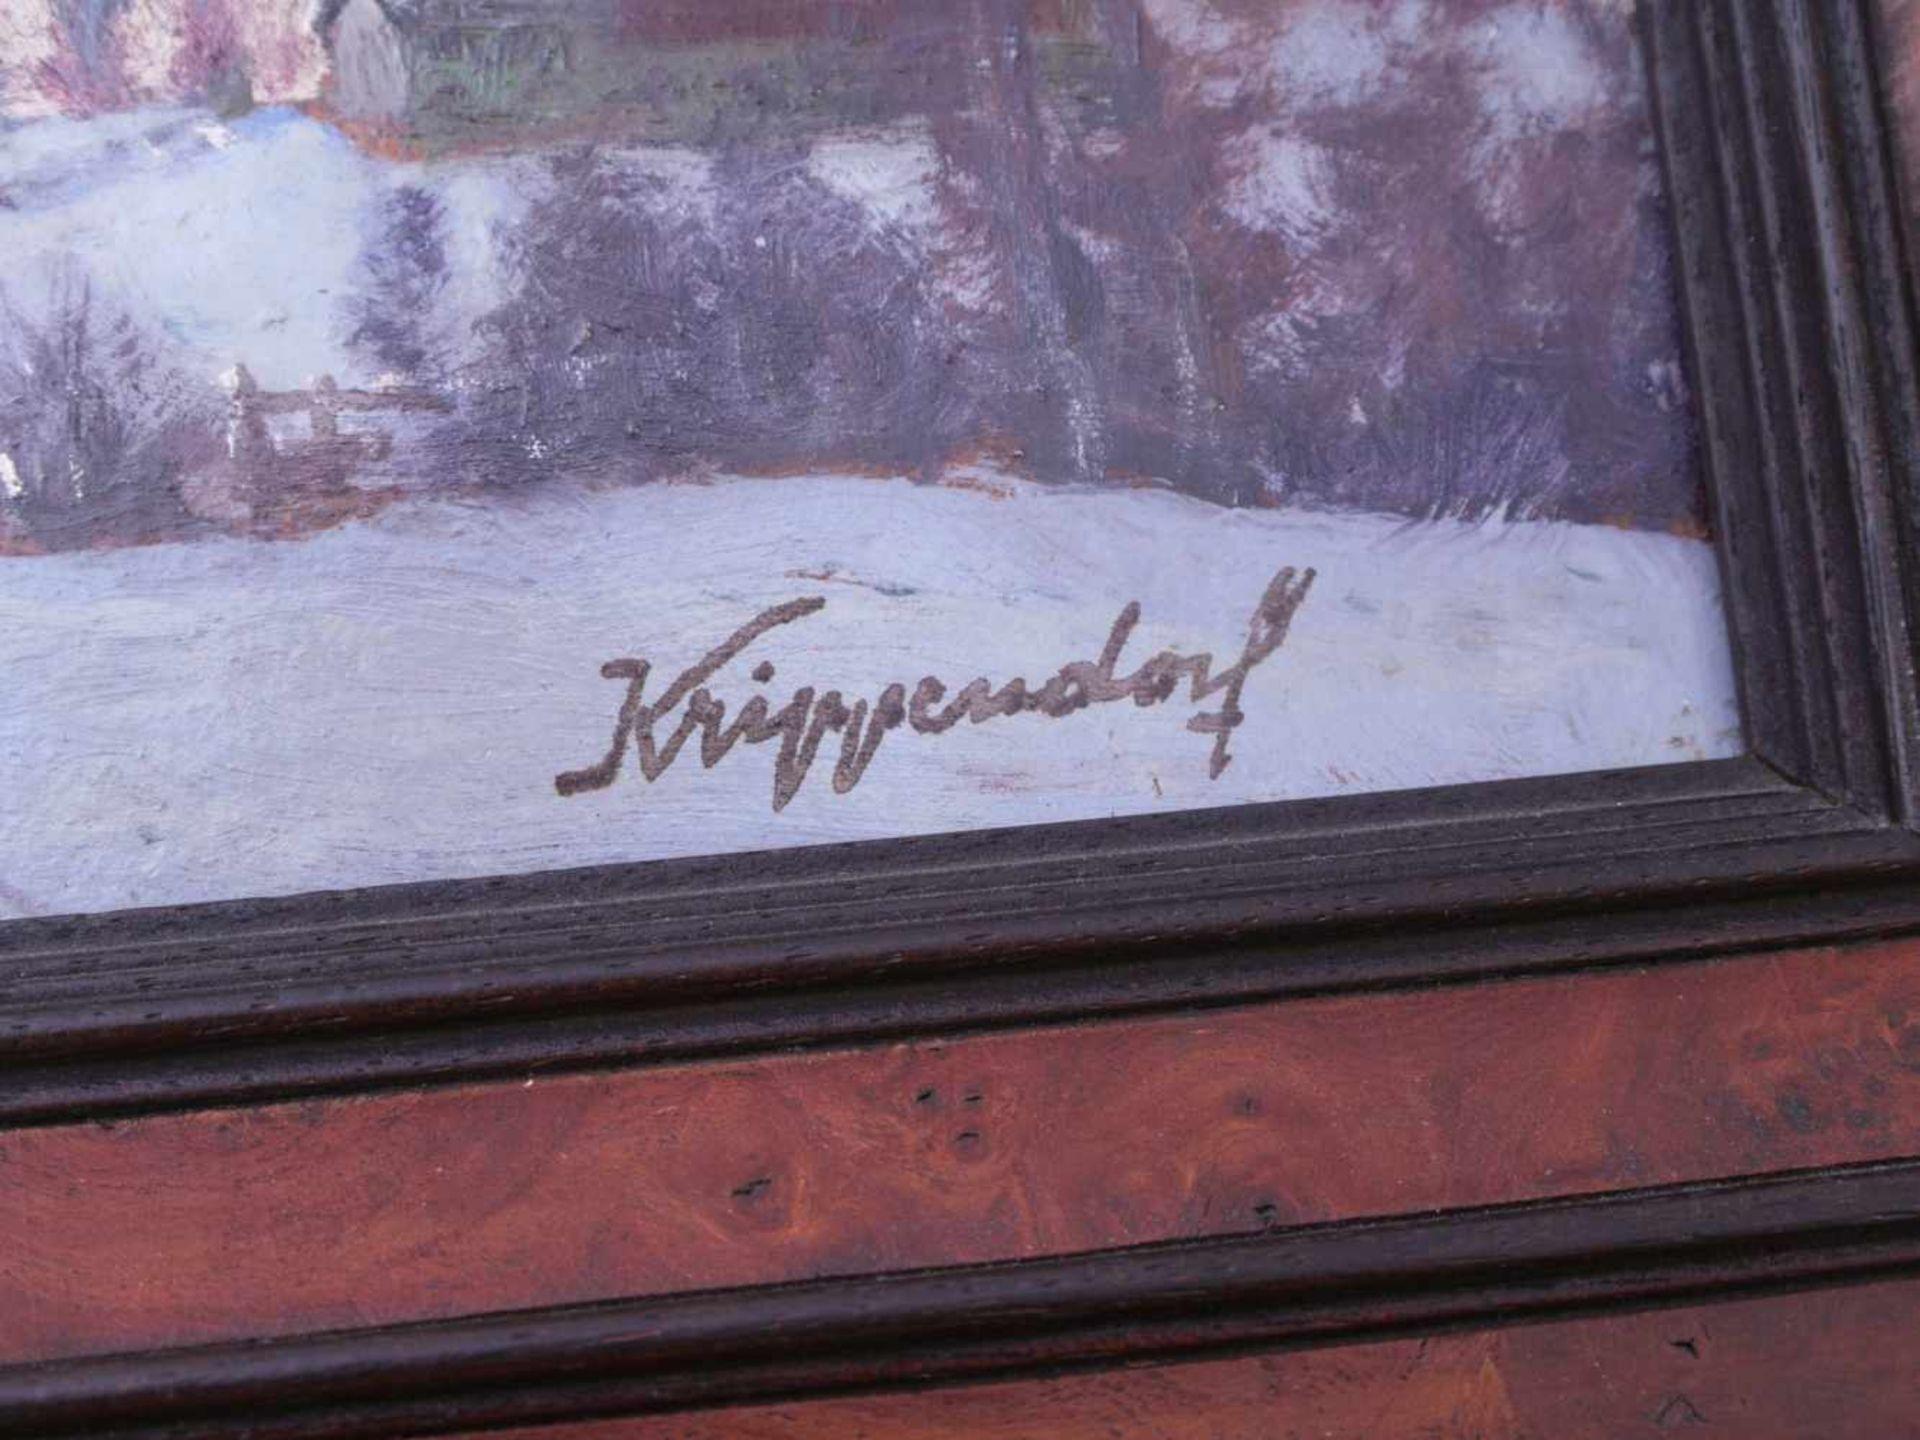 Krippendorf, Franz (1907-1982) - WinterlandschaftDekoratives gestrecktes Querformat. Darauf ein - Bild 3 aus 3